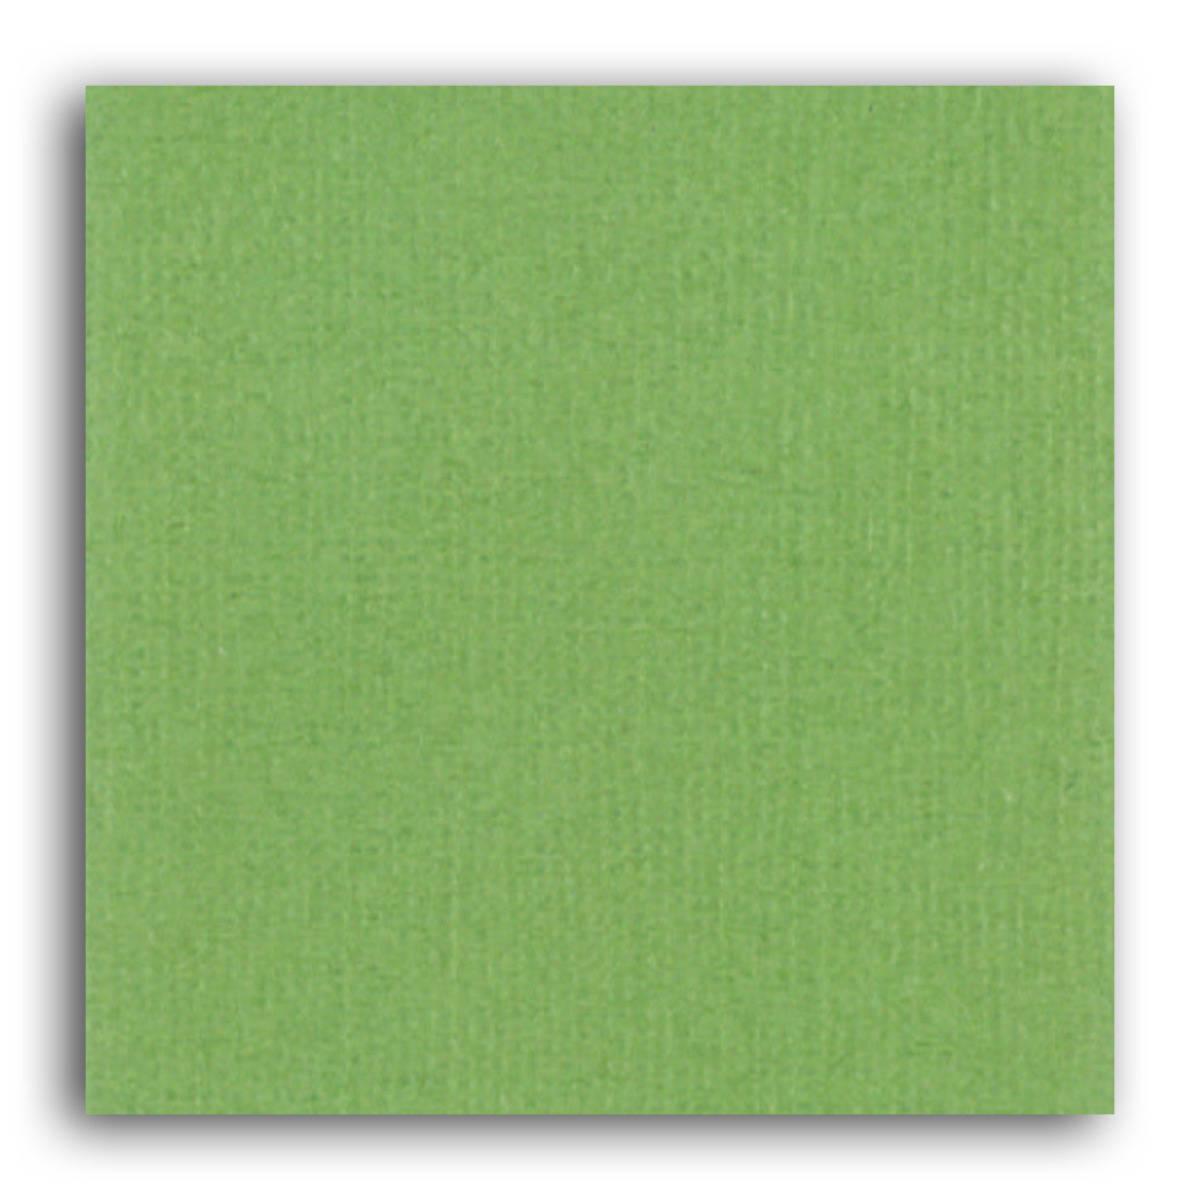 Papier uni 30x30 Mahé 2 Toga - Vert Lichen